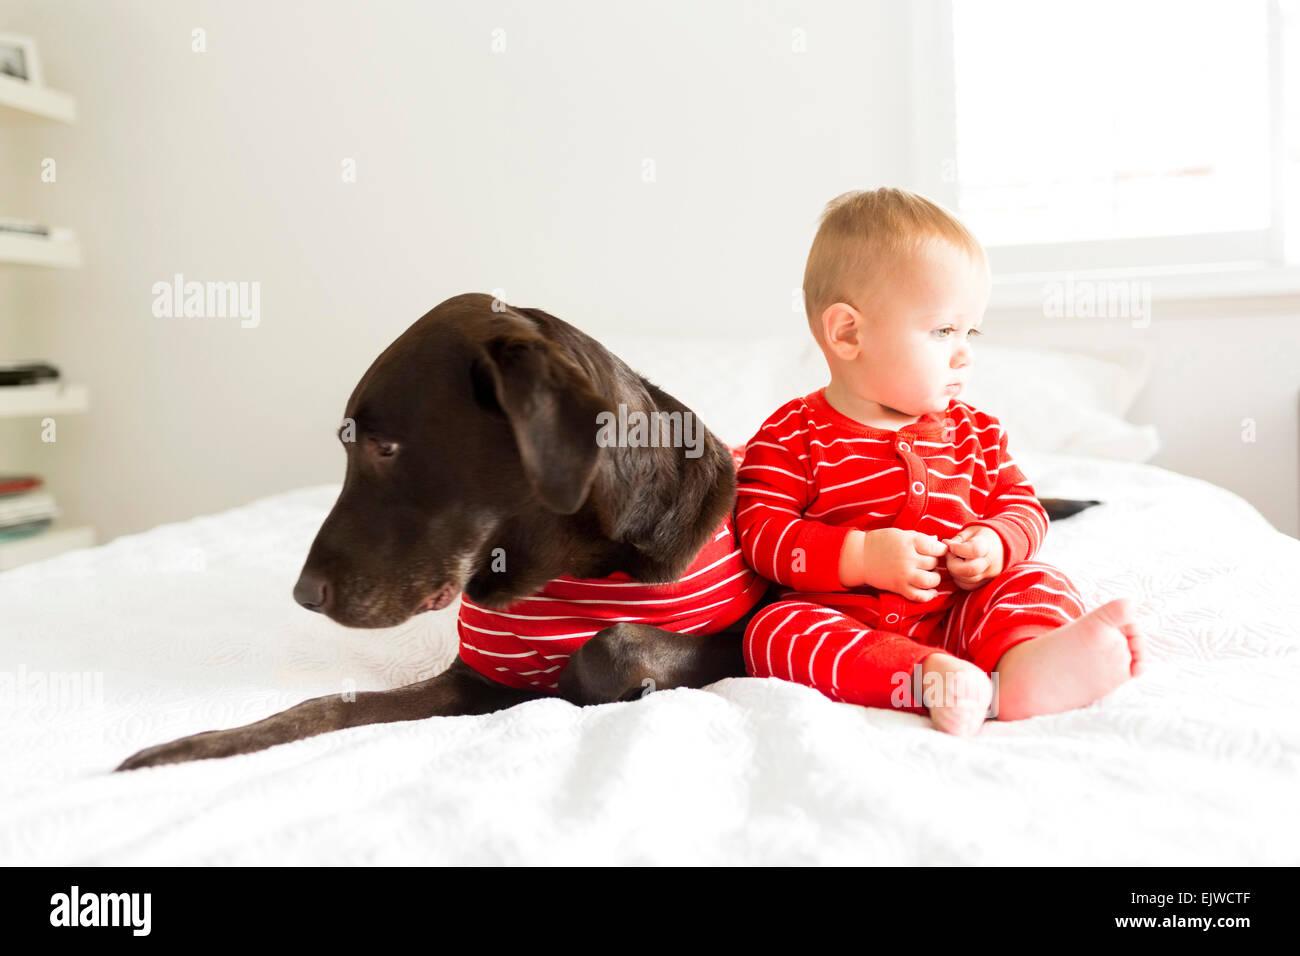 Junge (2-3) mit Hund im Schlafzimmer Stockfoto, Bild ...